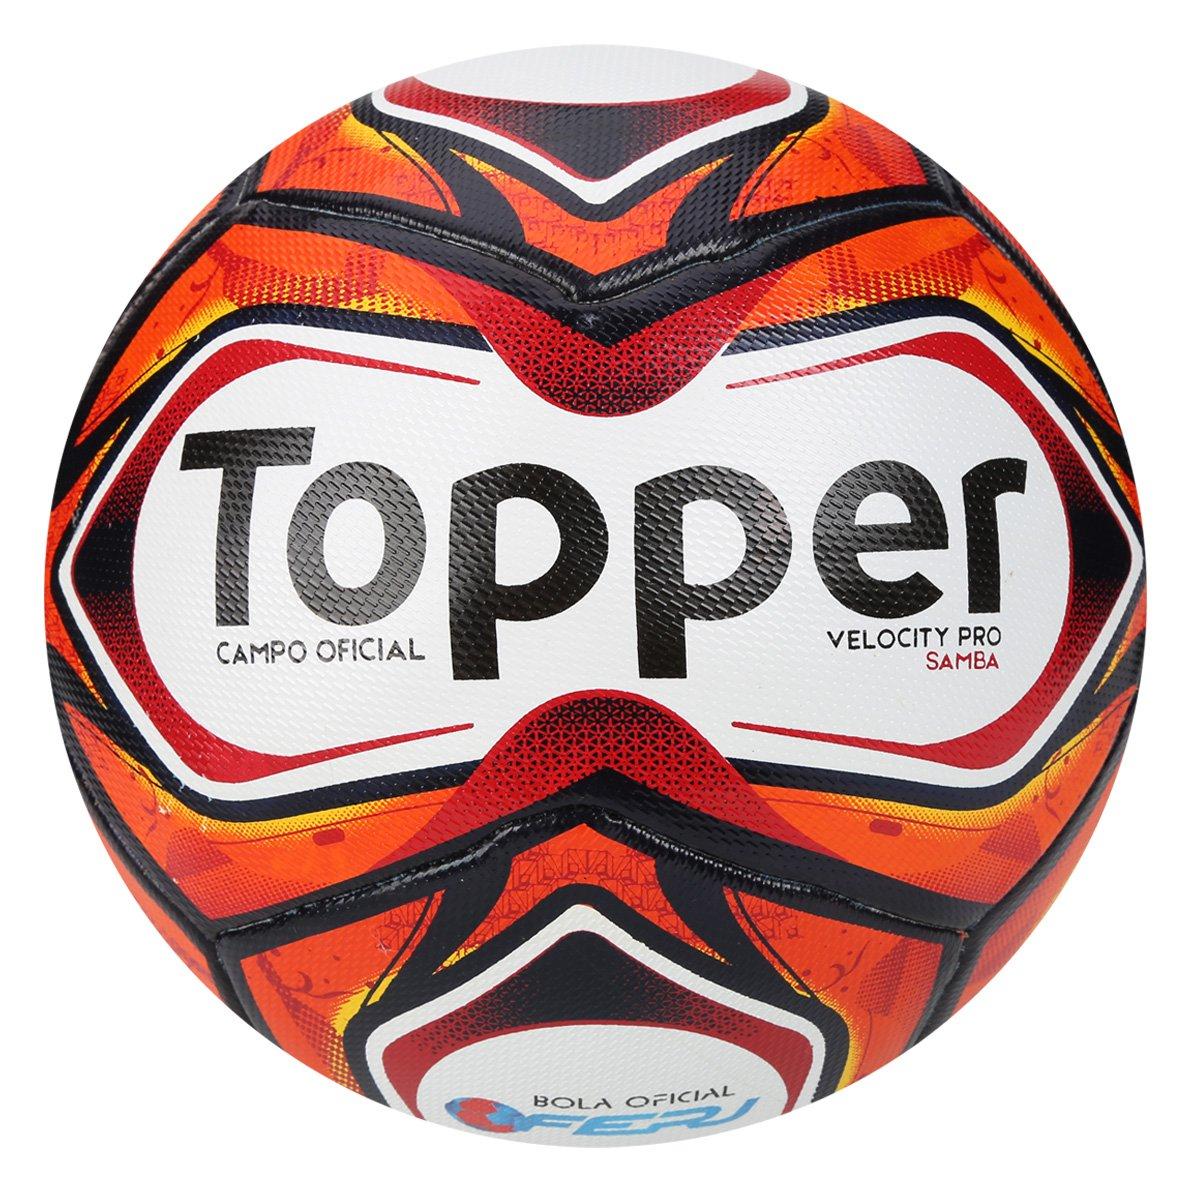 f711d95a6 Bola Futebol Campo Topper Samba Pro